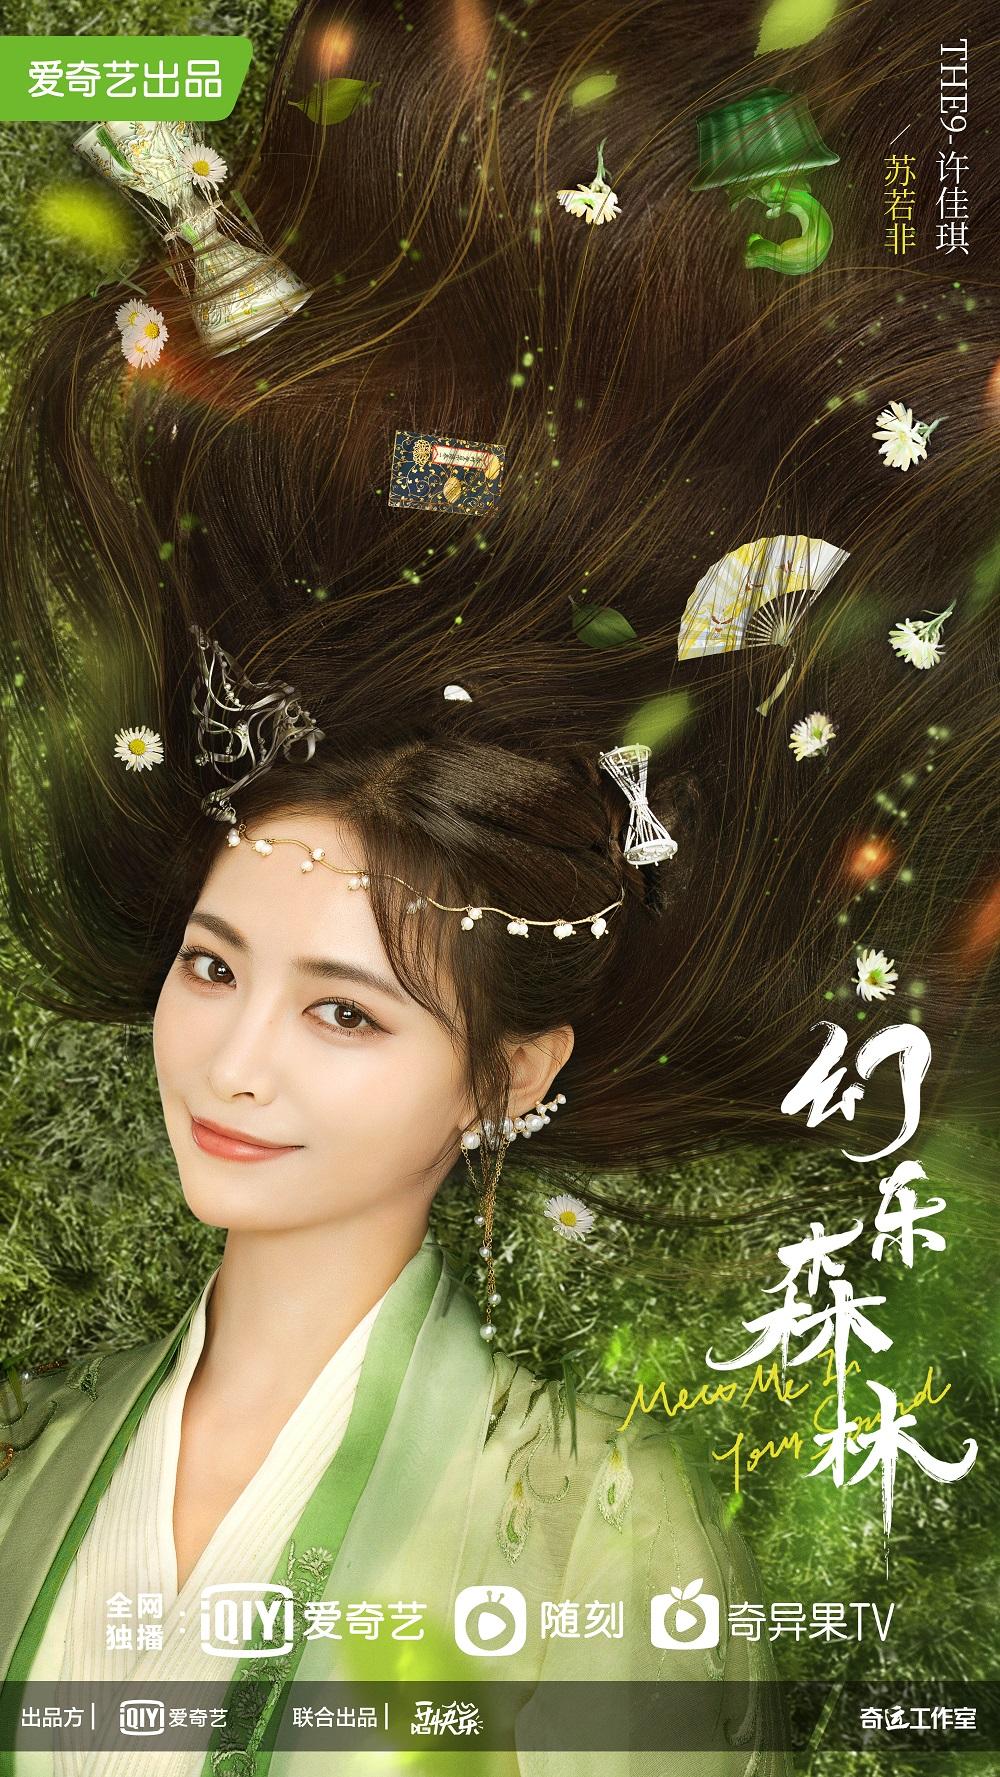 《幻乐森林》中,饰演苏若非